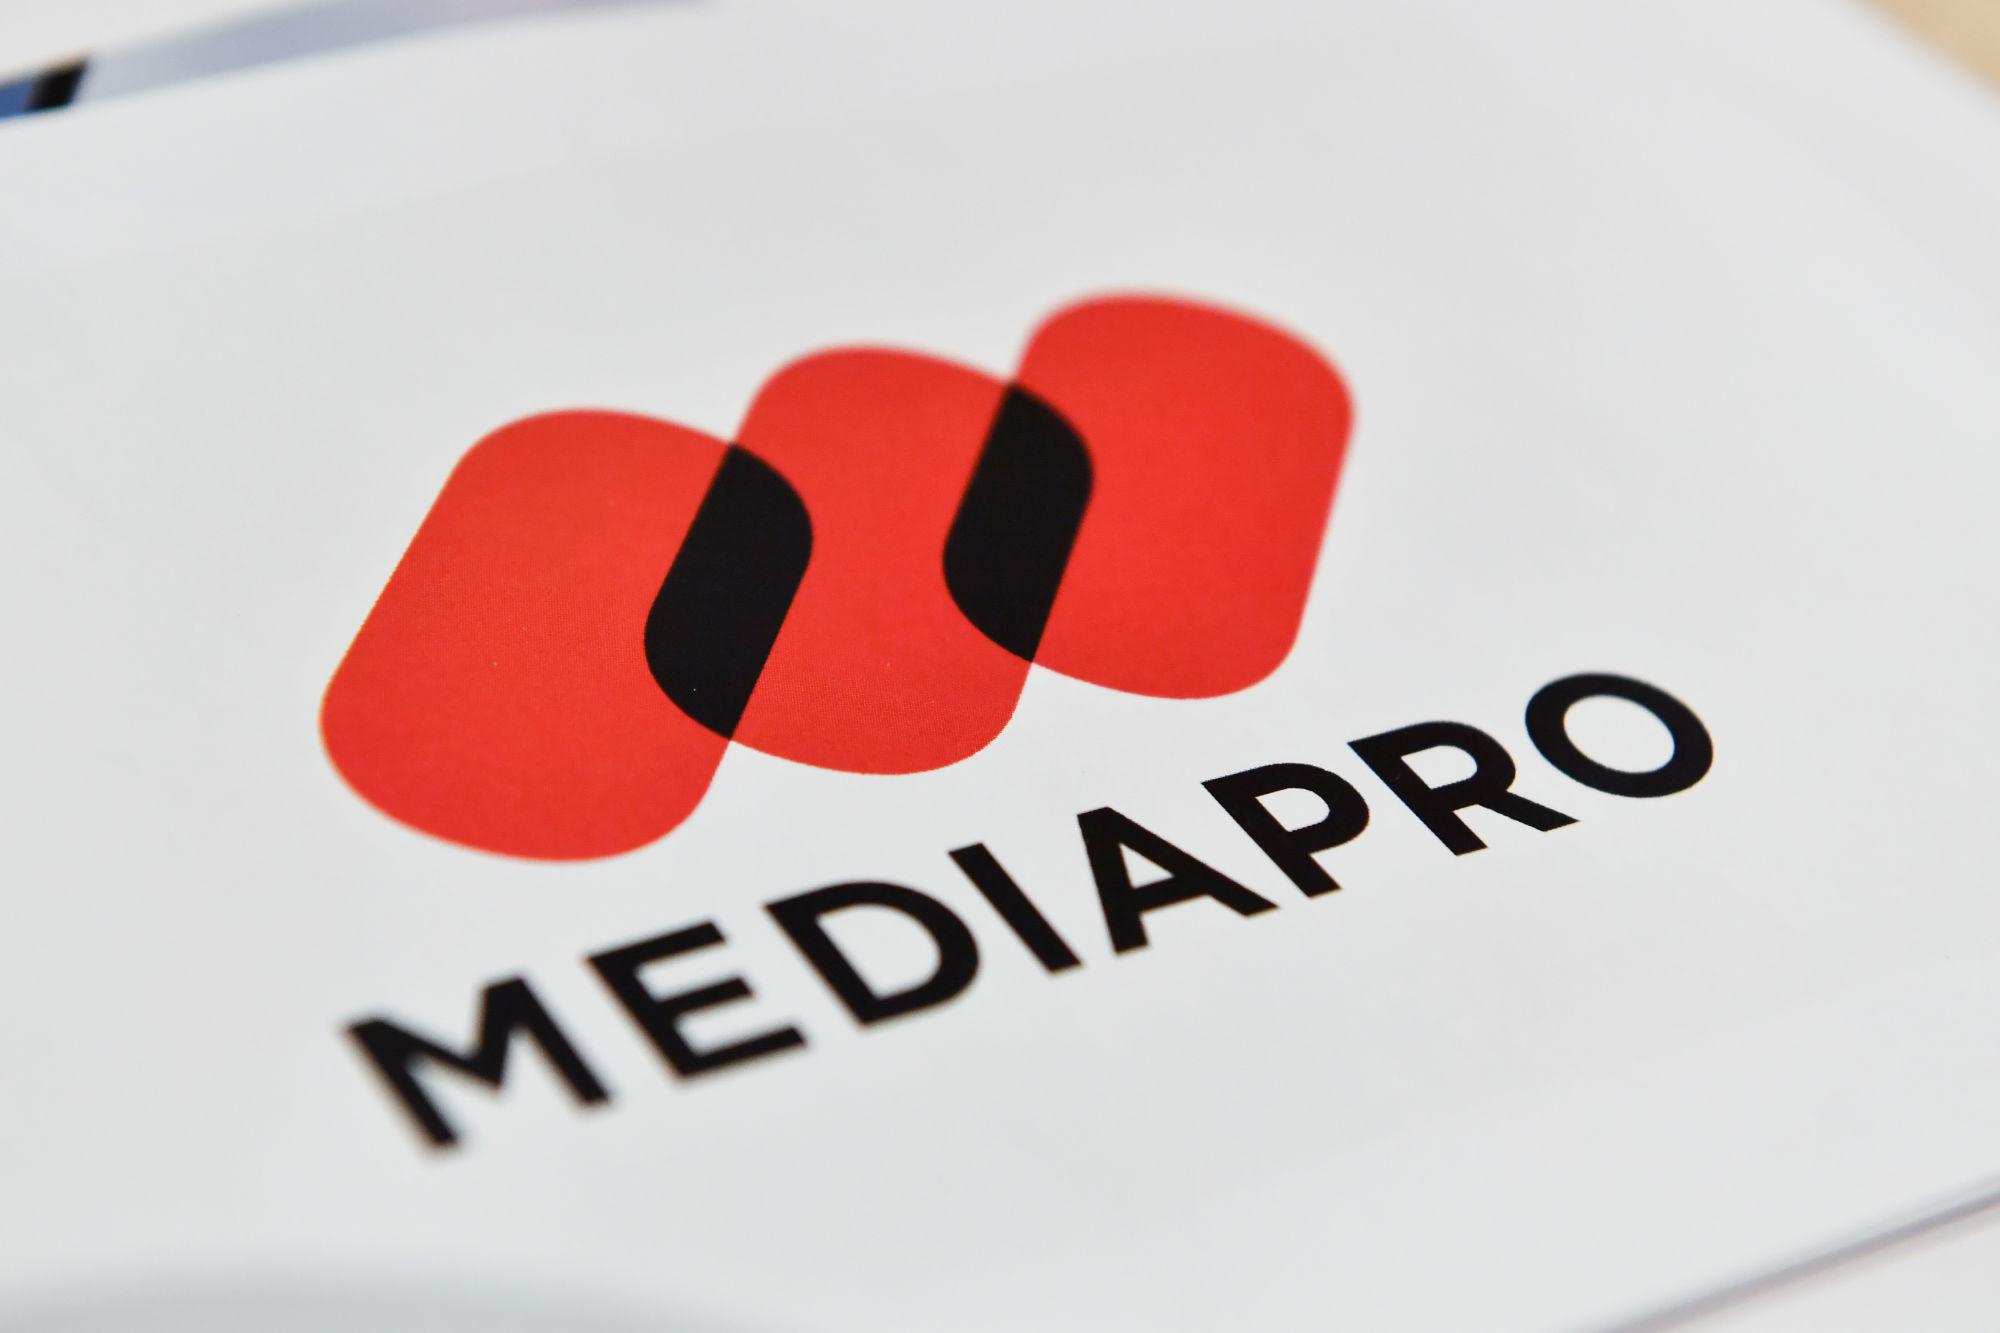 L1 - Mediapro maintient son accord avec la LFP et se montre rassurant